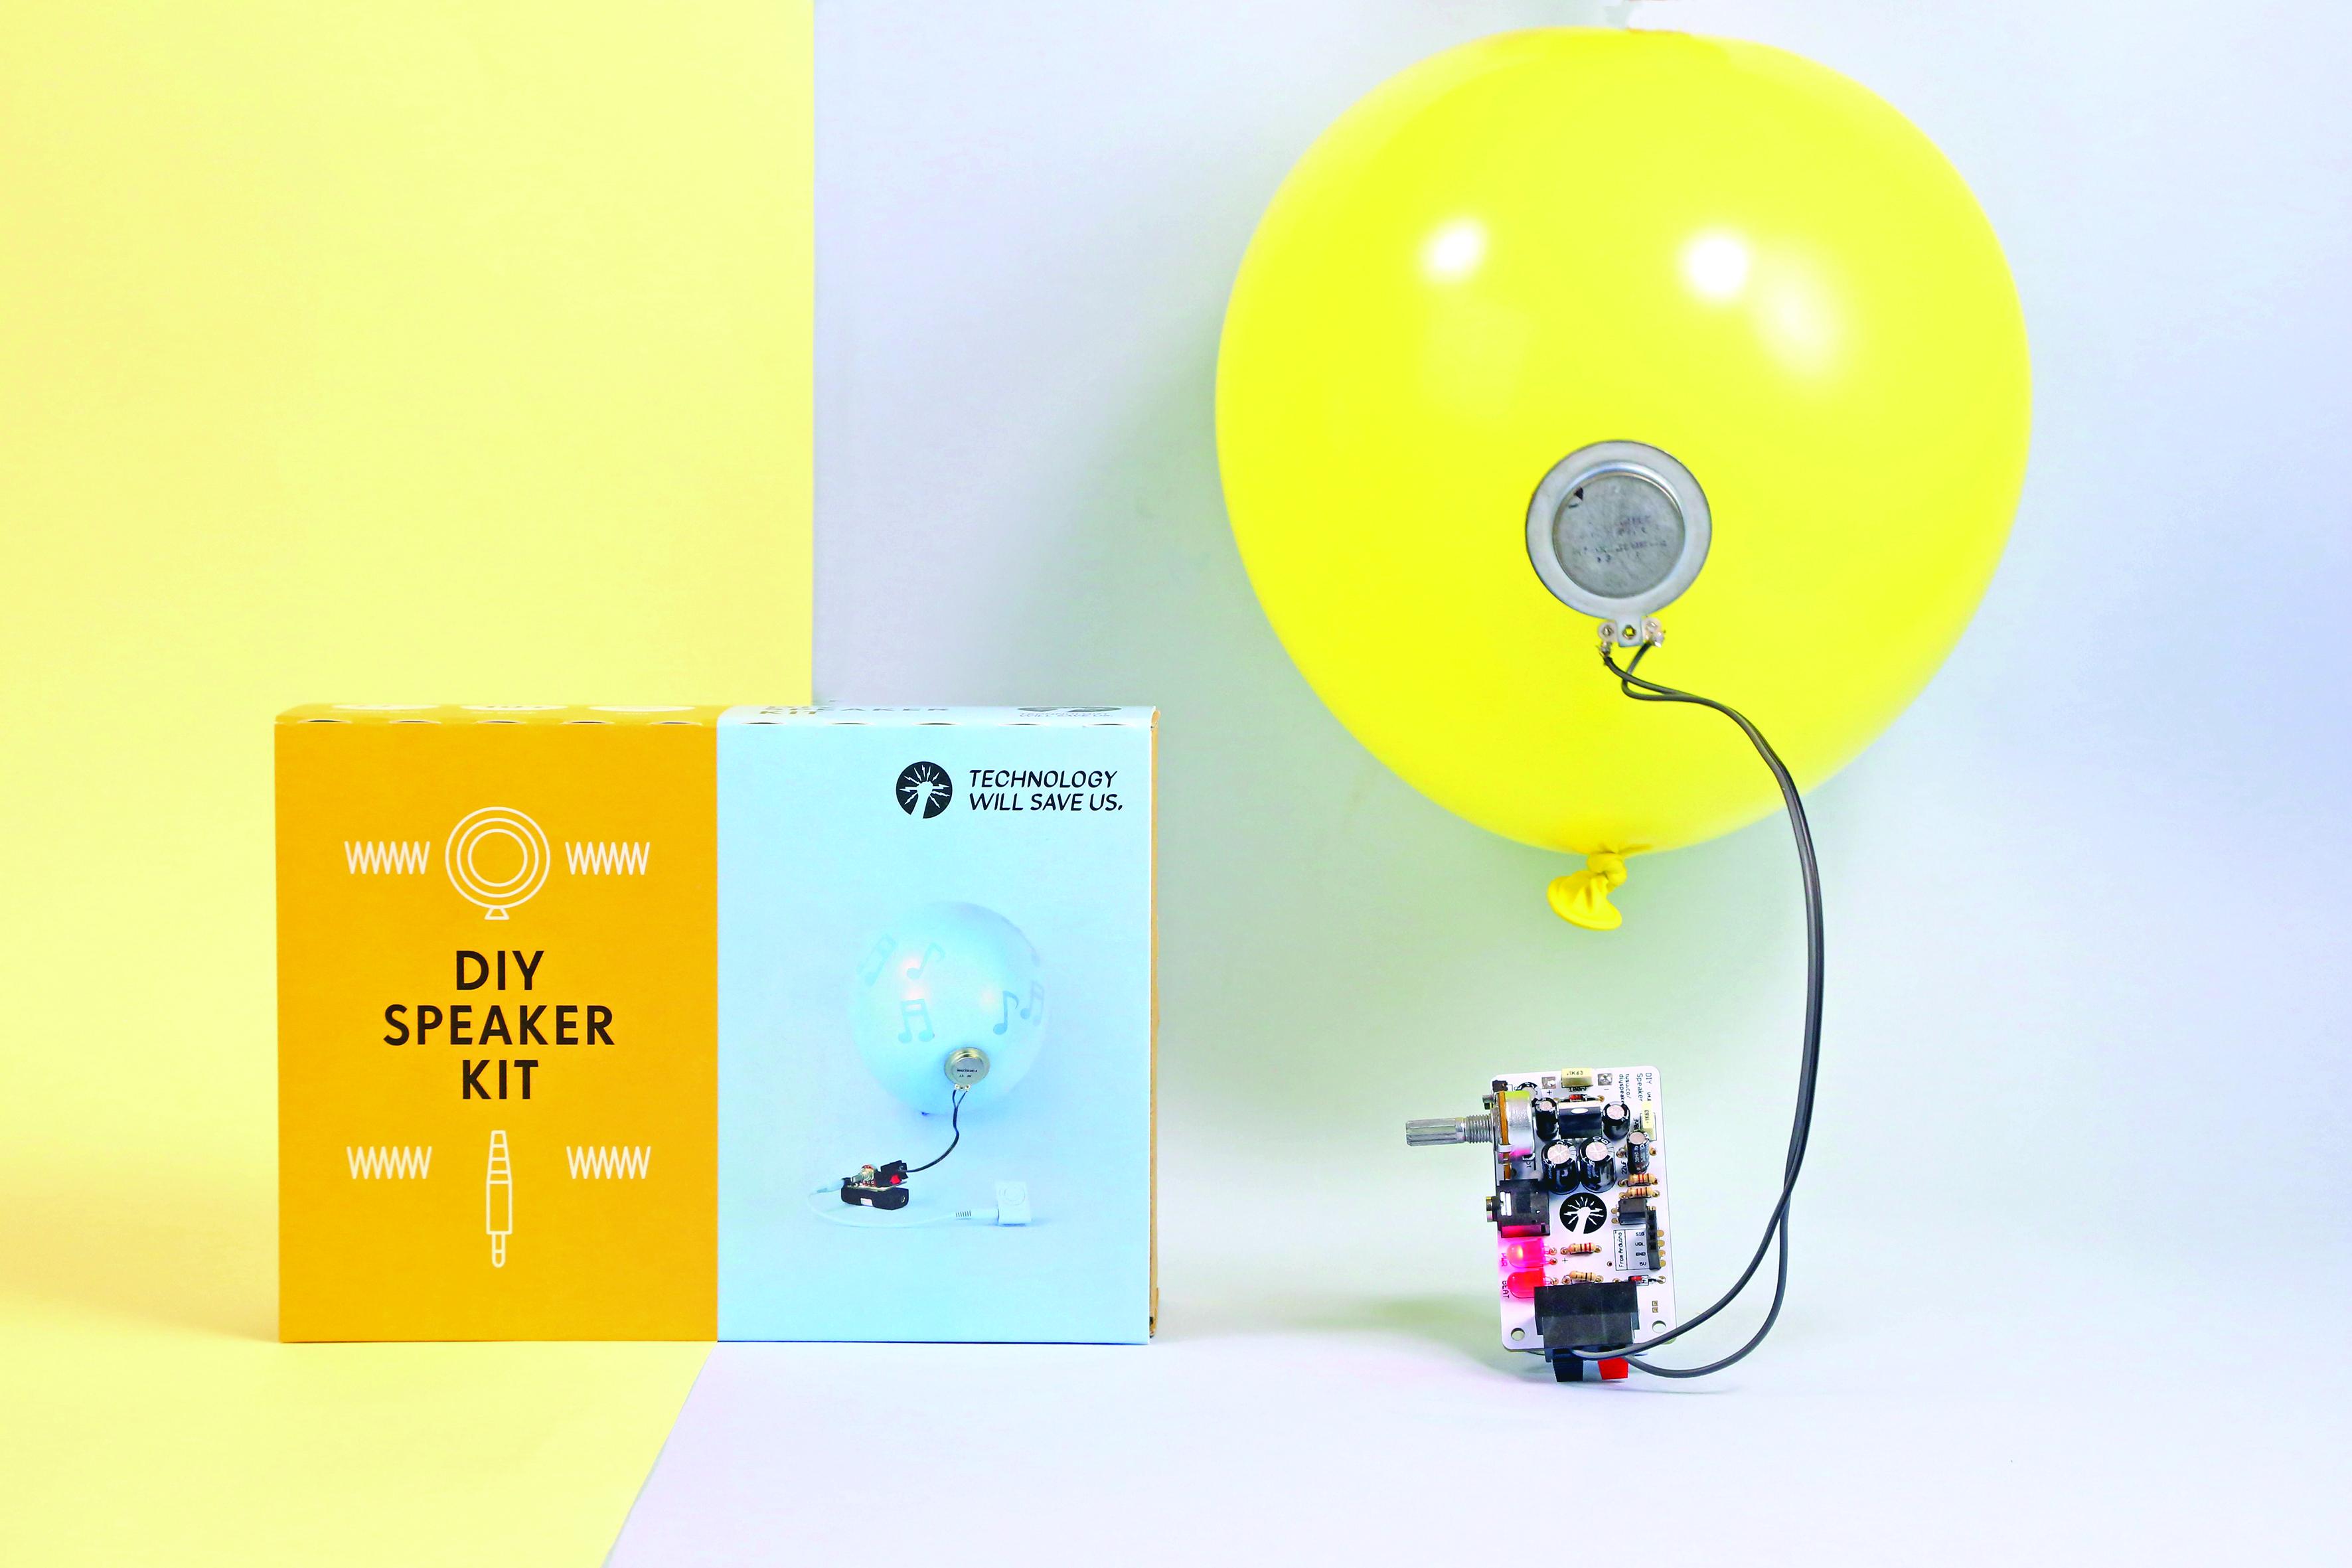 Technology Will Save Us's DIY Gamer Kit and Speaker Kit